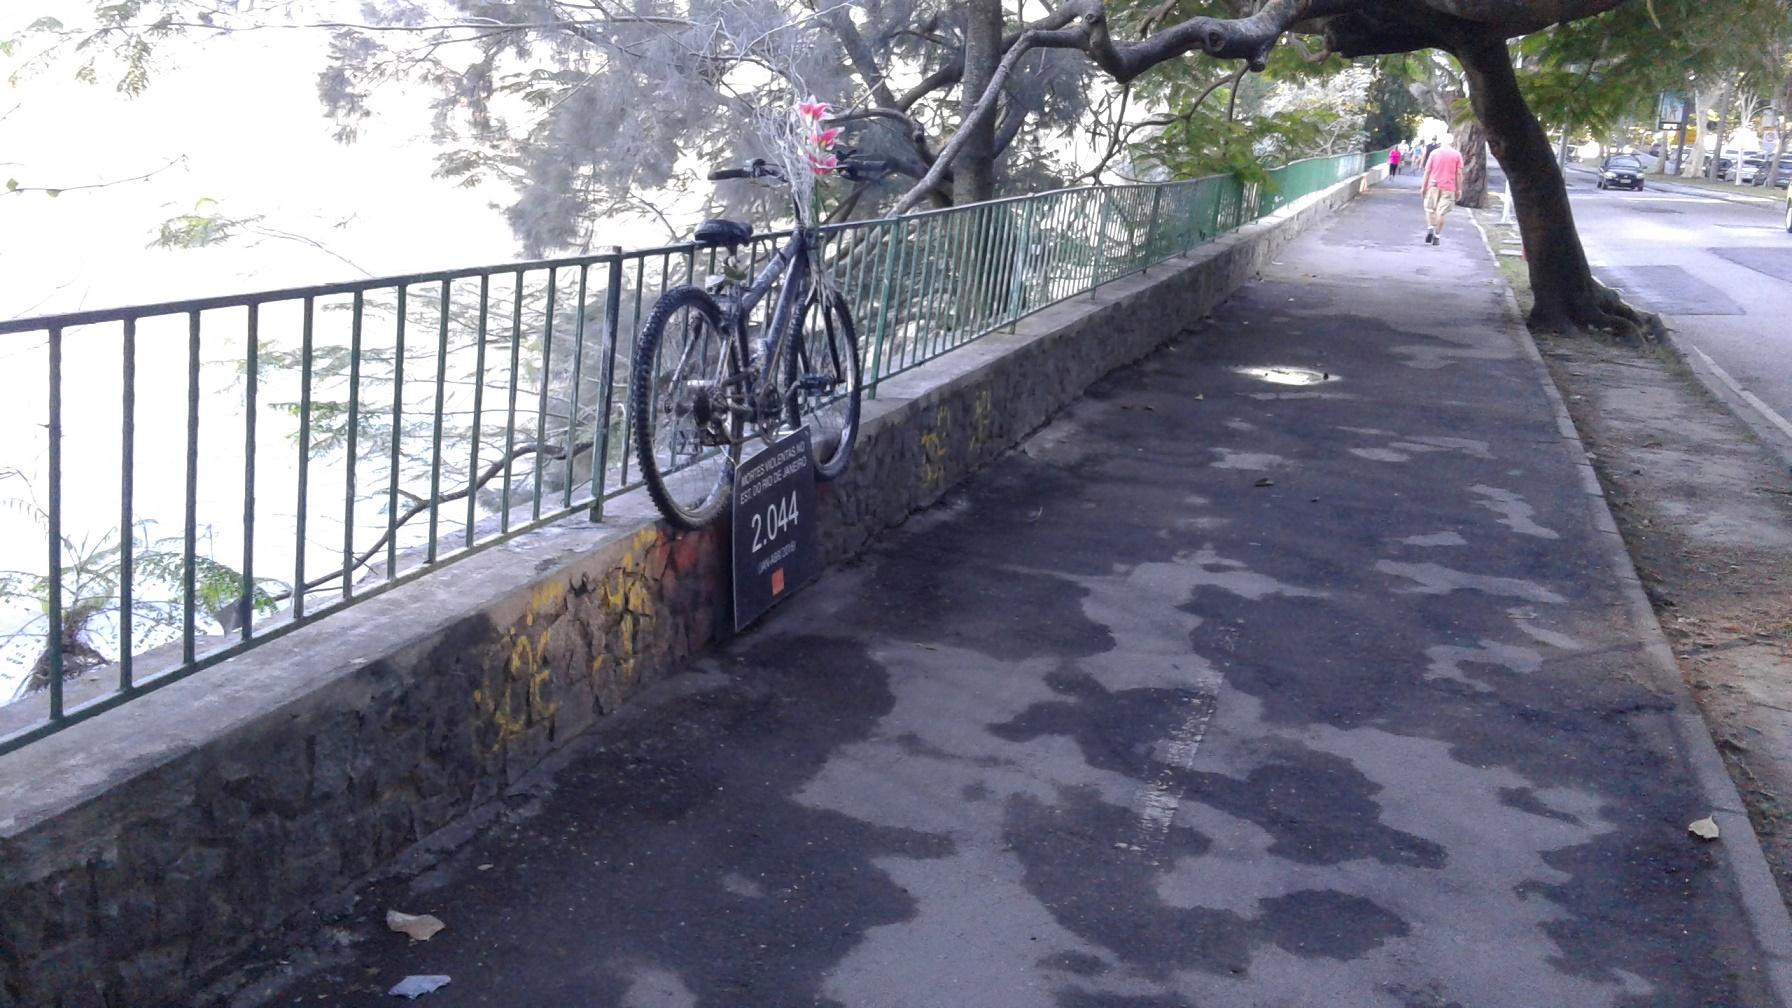 Apenas uma bicicleta e um cartaz que homenageiam o médico Jaime Gold, morto no ano passado, permanecem no local